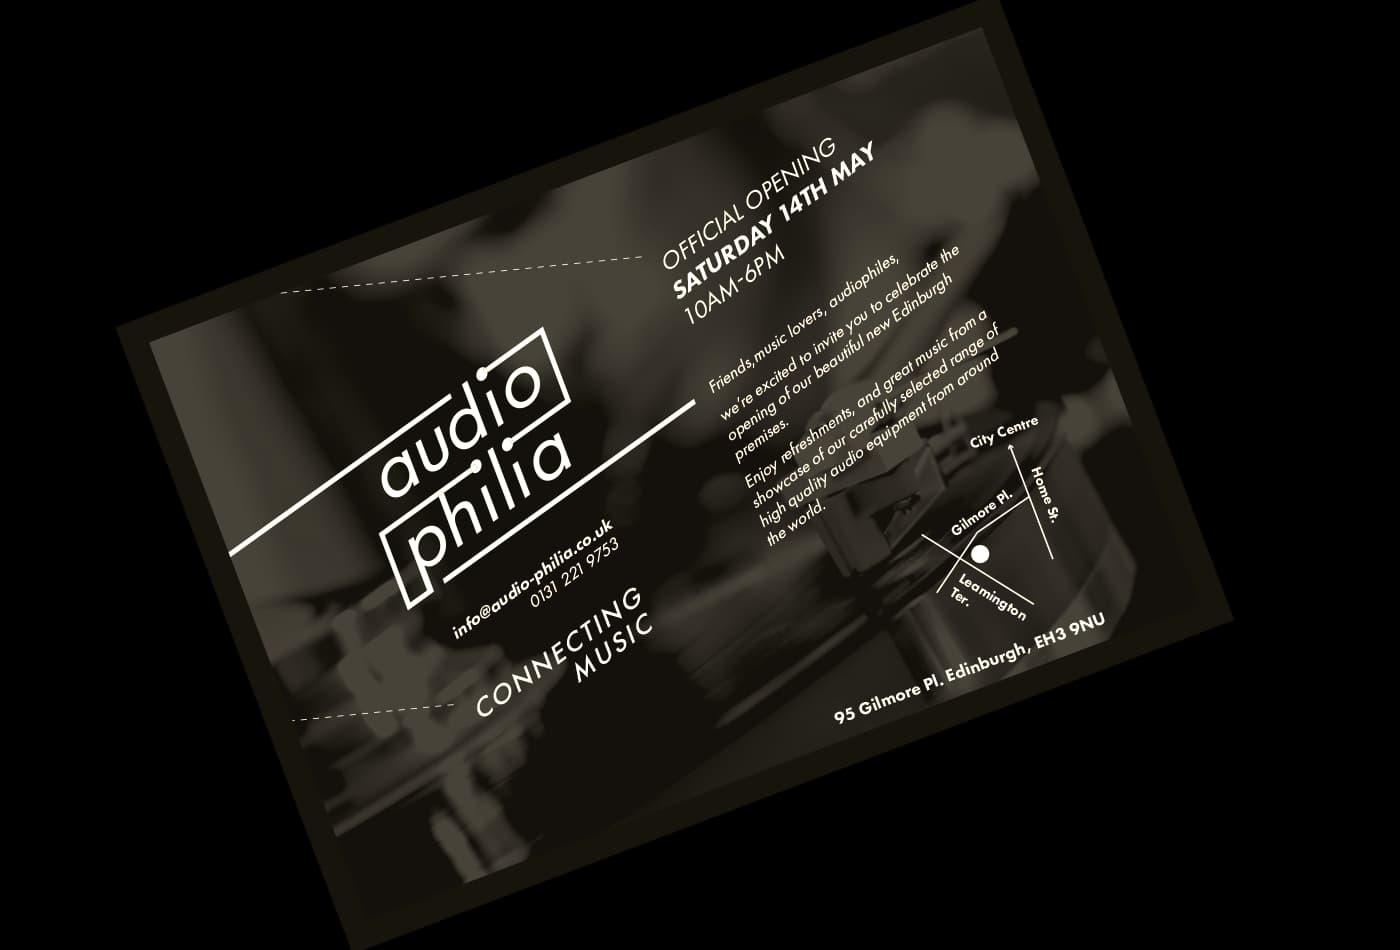 AudioPhilia Flyer